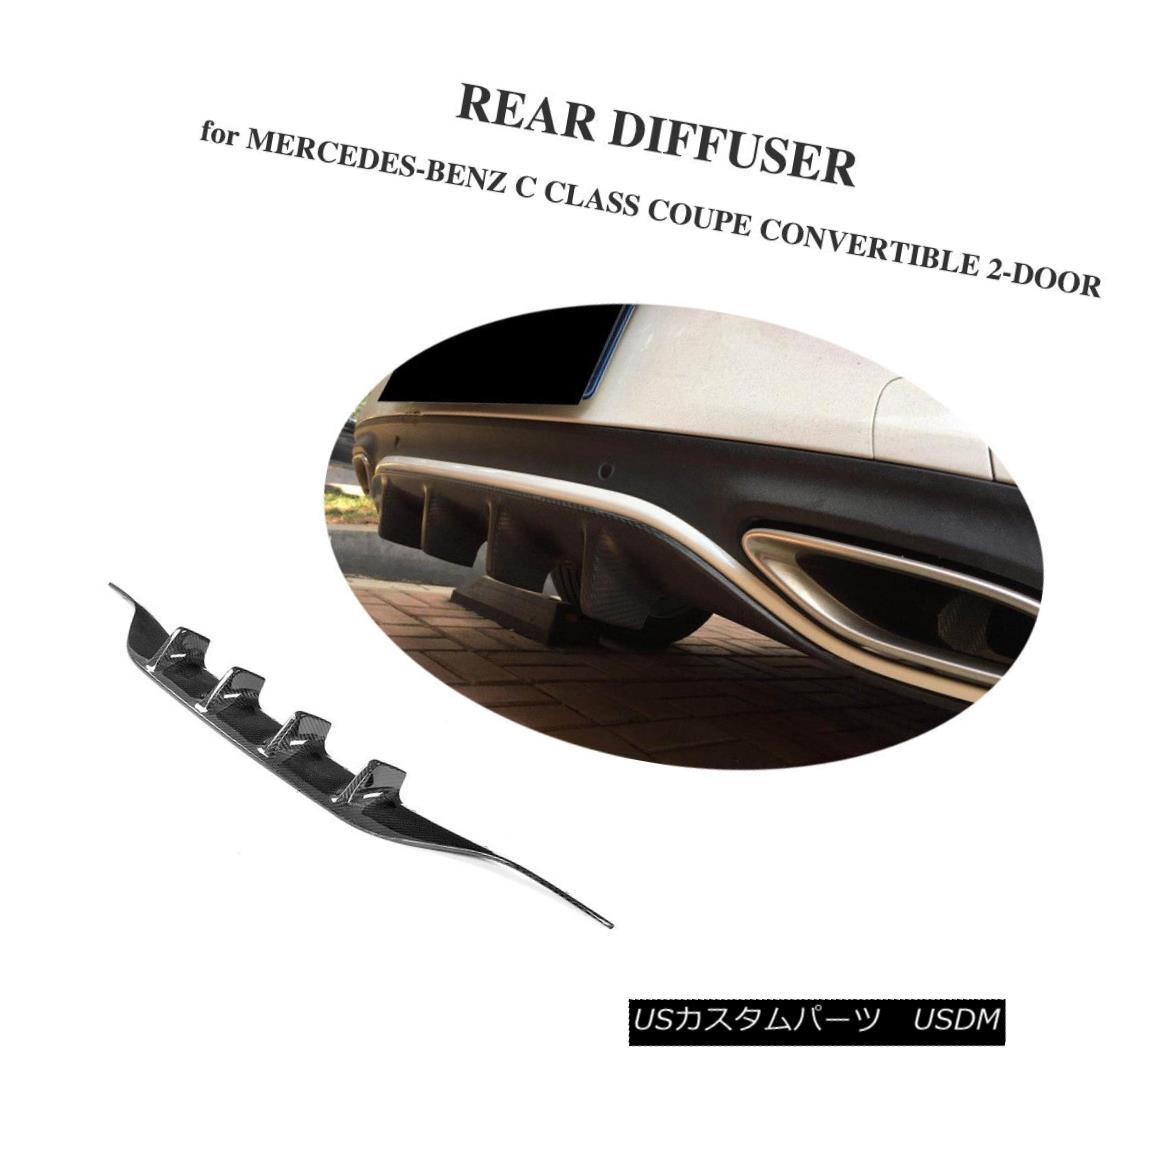 エアロパーツ C43 Carbon Bumper Fiber Rear Diffuser Lip For Lip Mercedes Benz C300 C350 C43 AMG Bumper 15-18 メルセデスベンツC300 C350 C43 AMGバンパー用カーボンファイバーリアディフューザーリップ15-18, おとこの雑貨屋:a50d0dde --- officewill.xsrv.jp